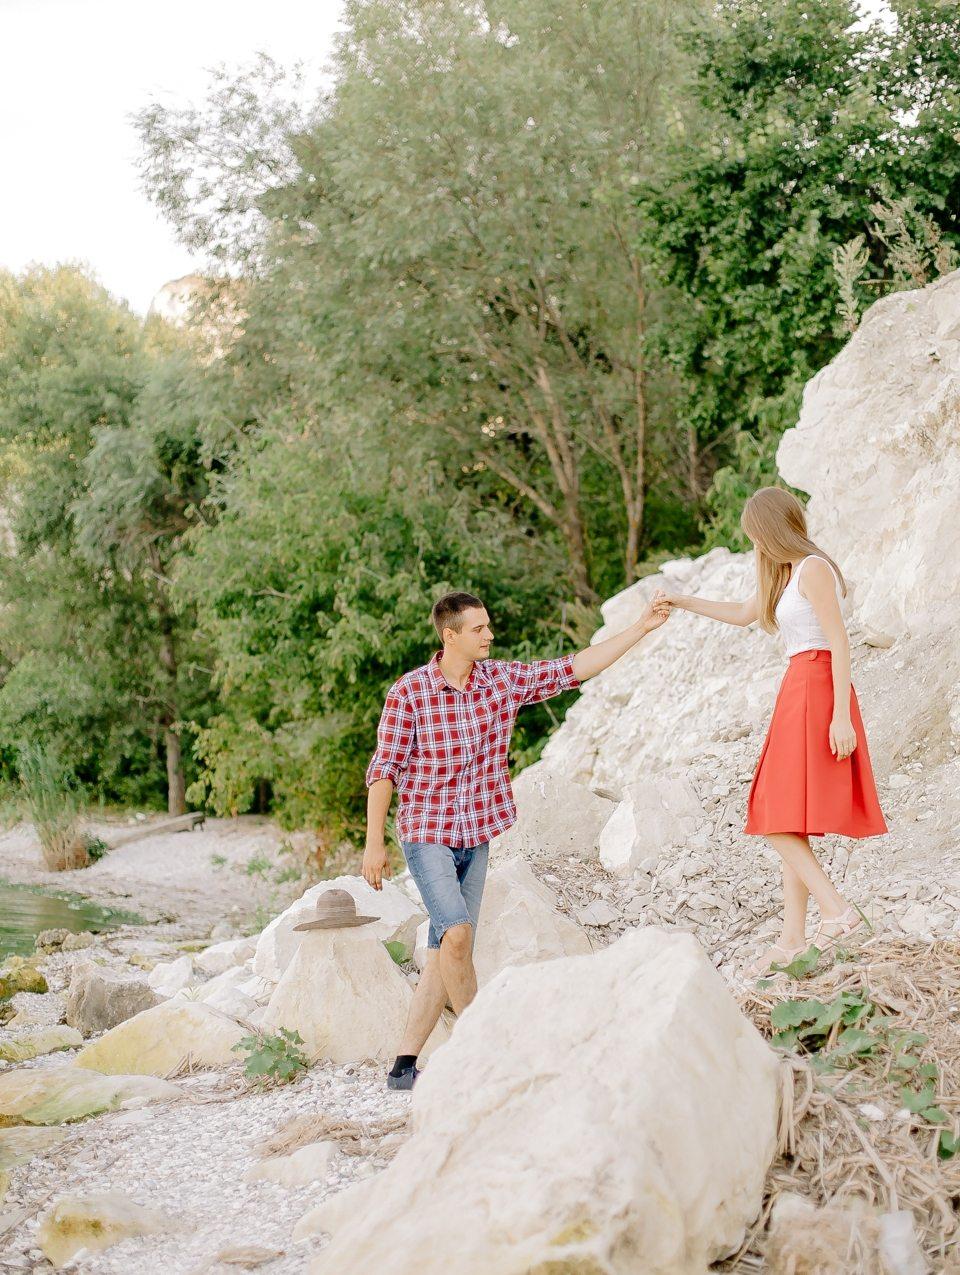 У подножия утеса: love-story Димы и Инны